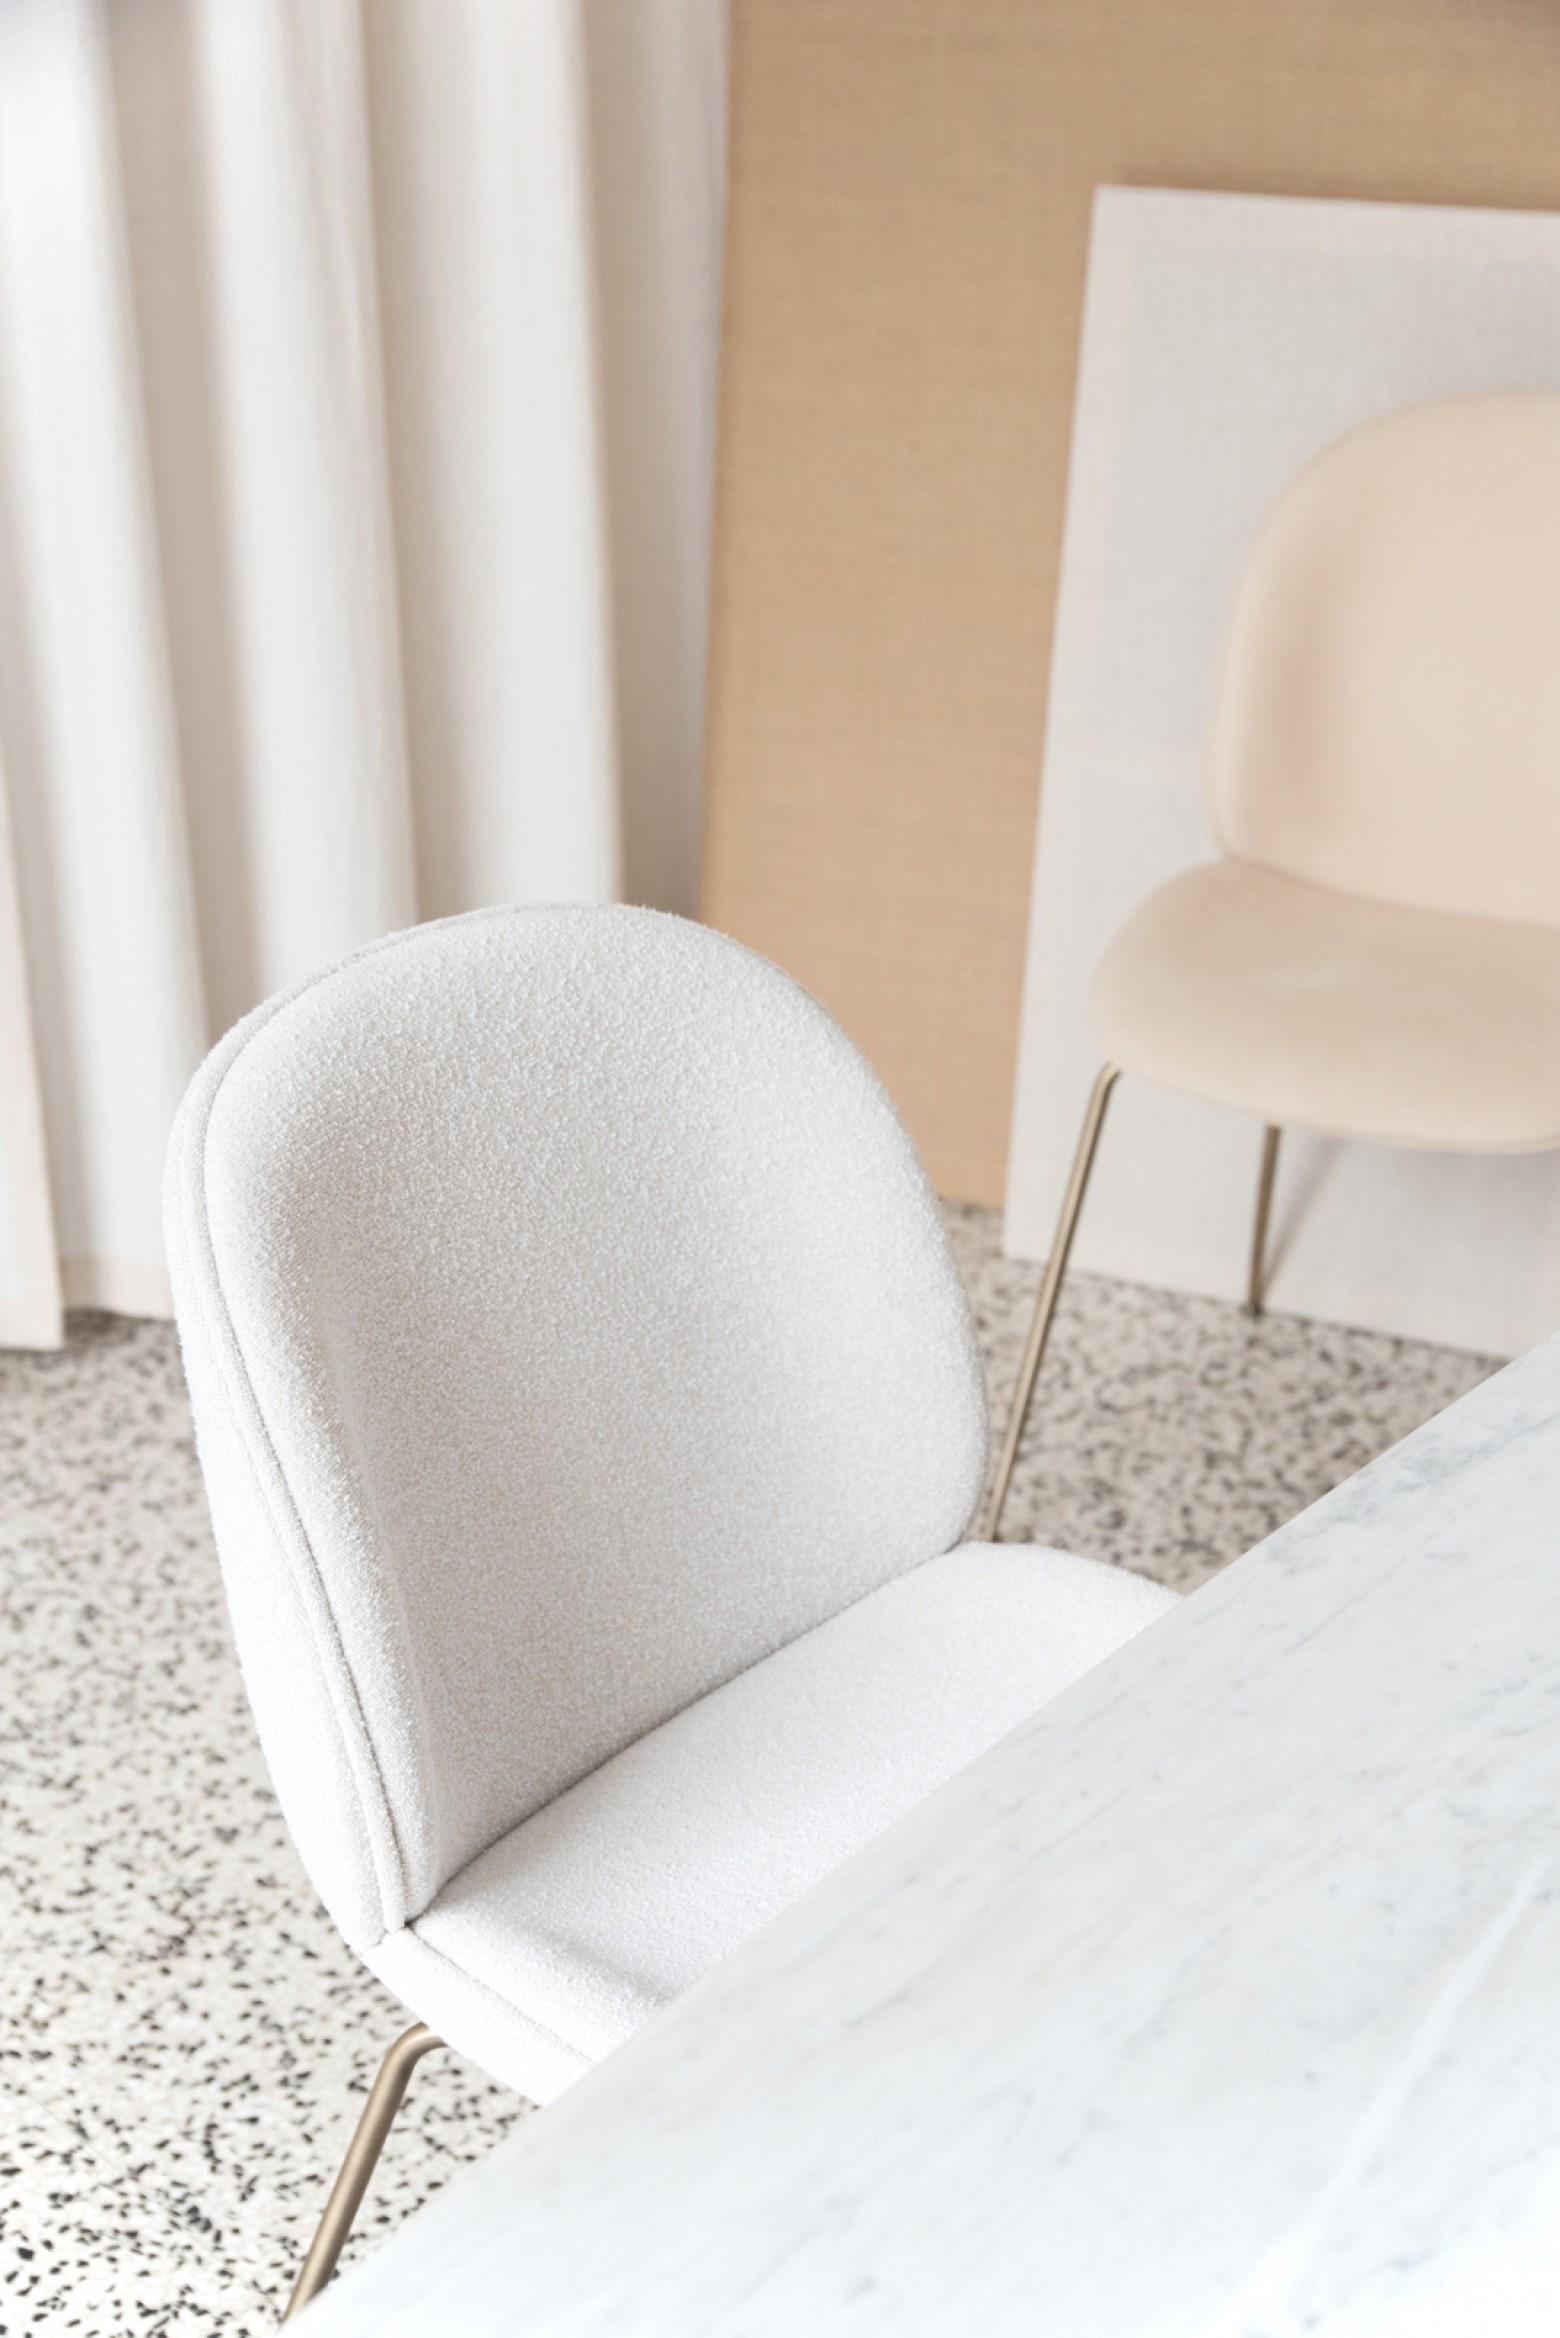 Il n'y a pas de discussion sur l'excellent confort d'assise de la collection Beetle Victors Design Agency